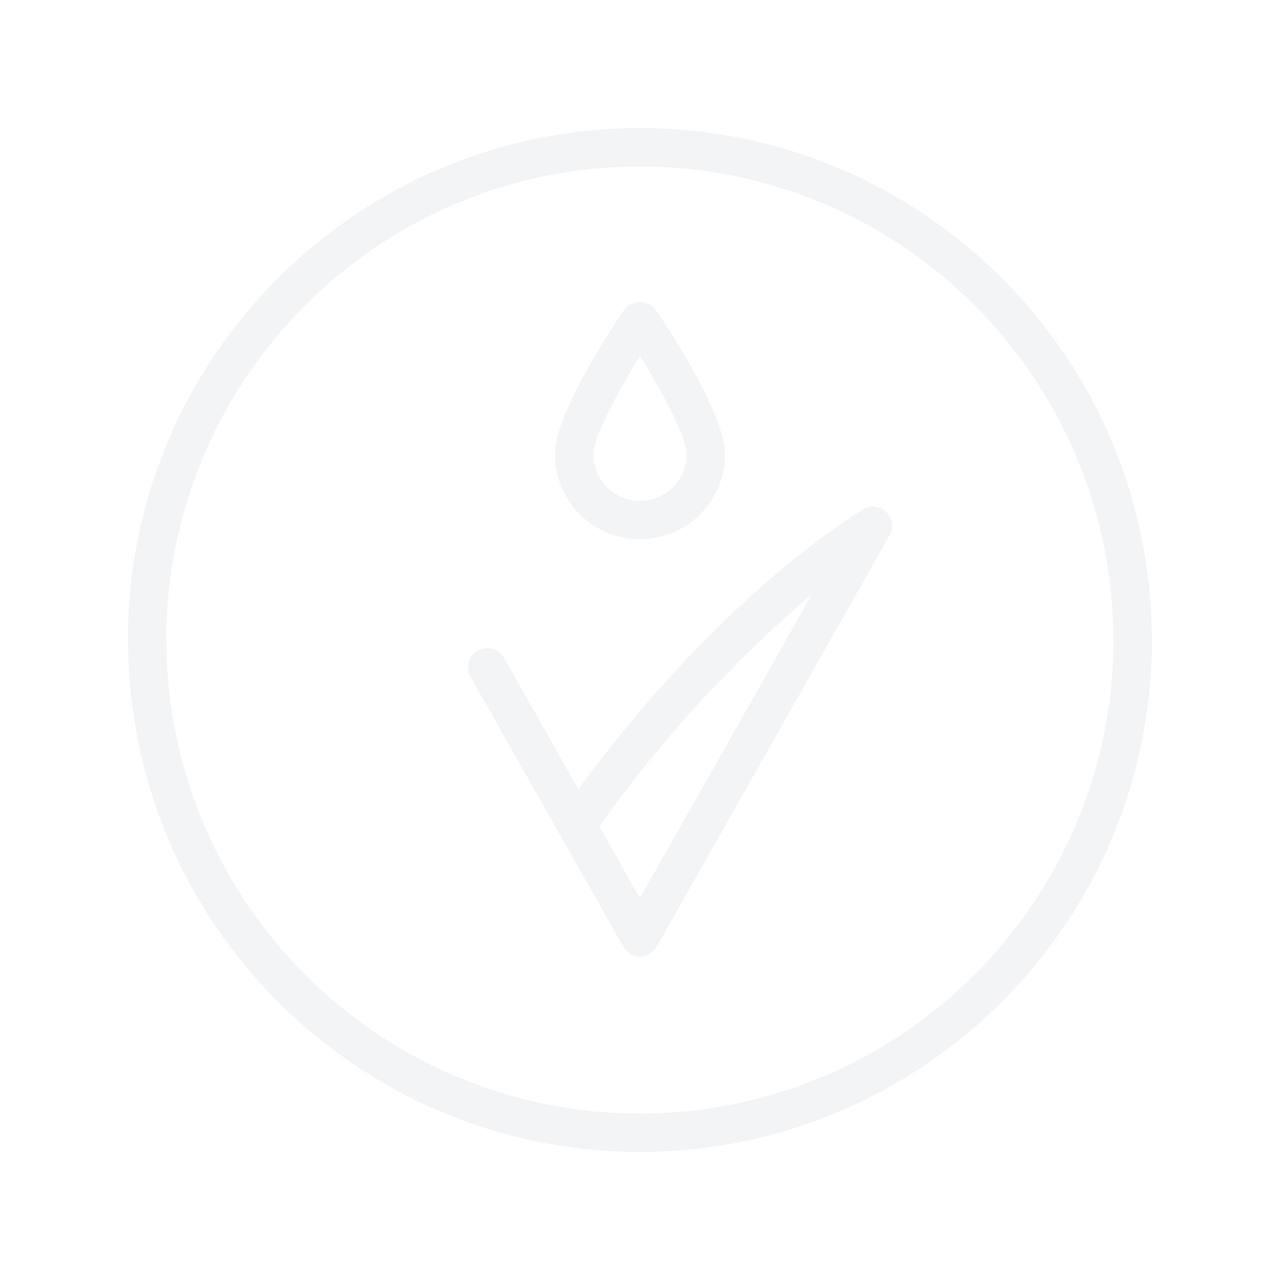 SHISEIDO Oil-Control Blotting Paper 100pcs жиропоглощающие салфетки